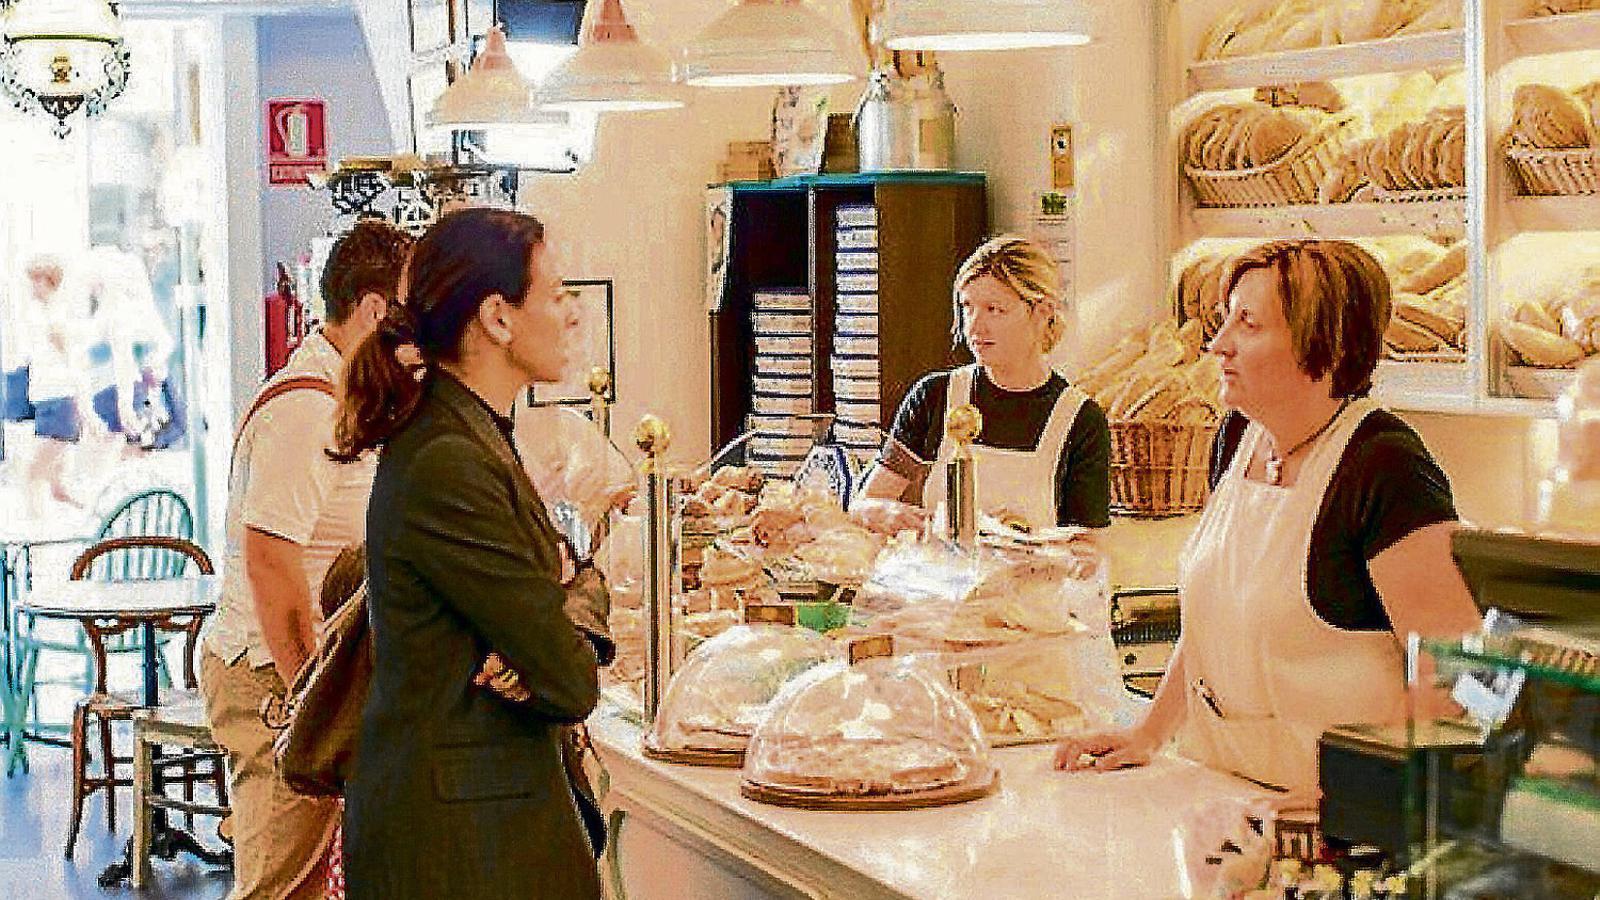 Els forns tradicionals aposten per un producte elaborat cada dia amb receptes i mètodes artesans.